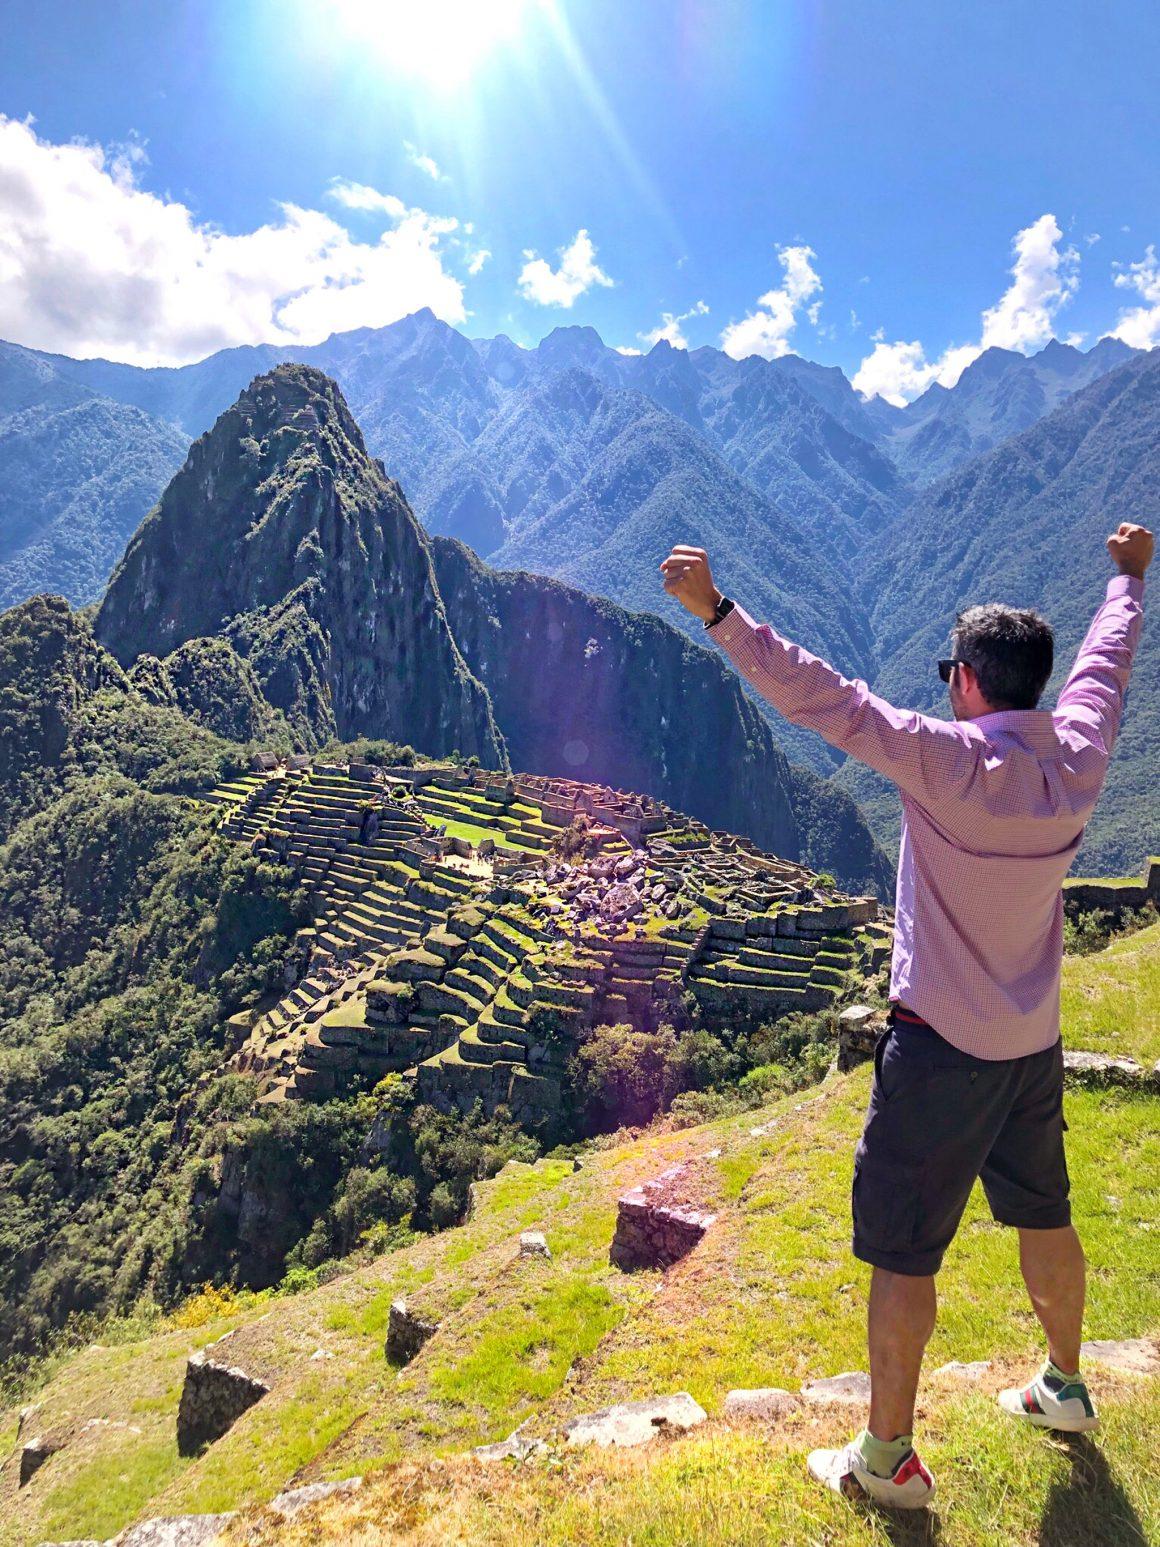 Machu Picchu Peru Aguas Calientes ruta por perú en dos semanas - Machu Picchu Peru Aguas Calientes 01 1160x1547 - Nuestra Ruta por Perú en dos semanas : Diario de Viaje a Perú